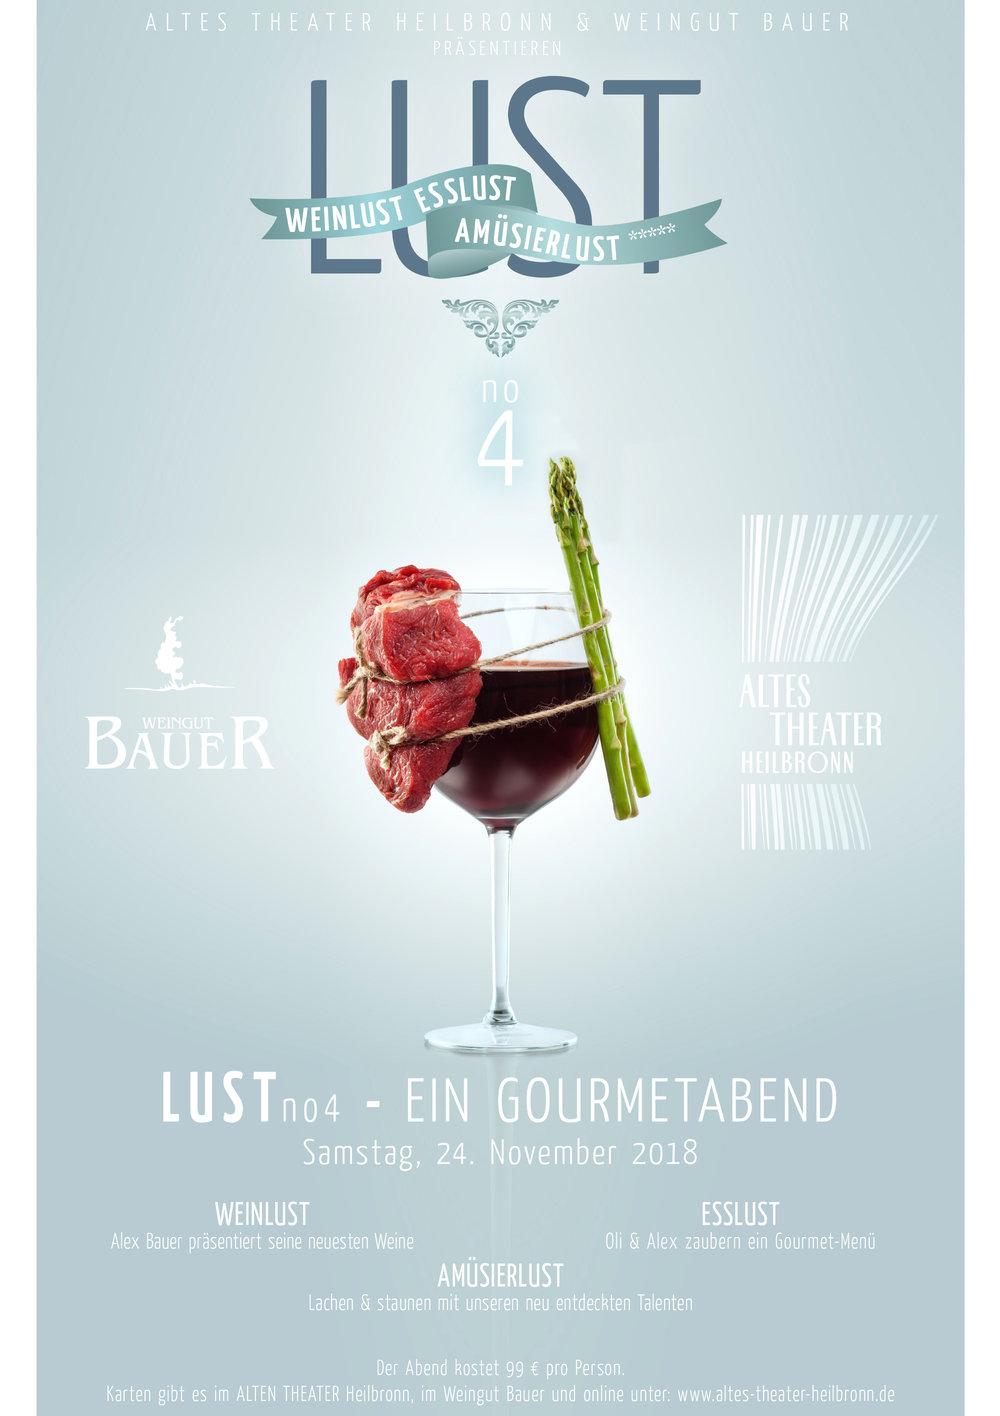 ALTES-THEATER-Heilbronn-Weingut-Bauer-LUST-Gourmetabend.jpg